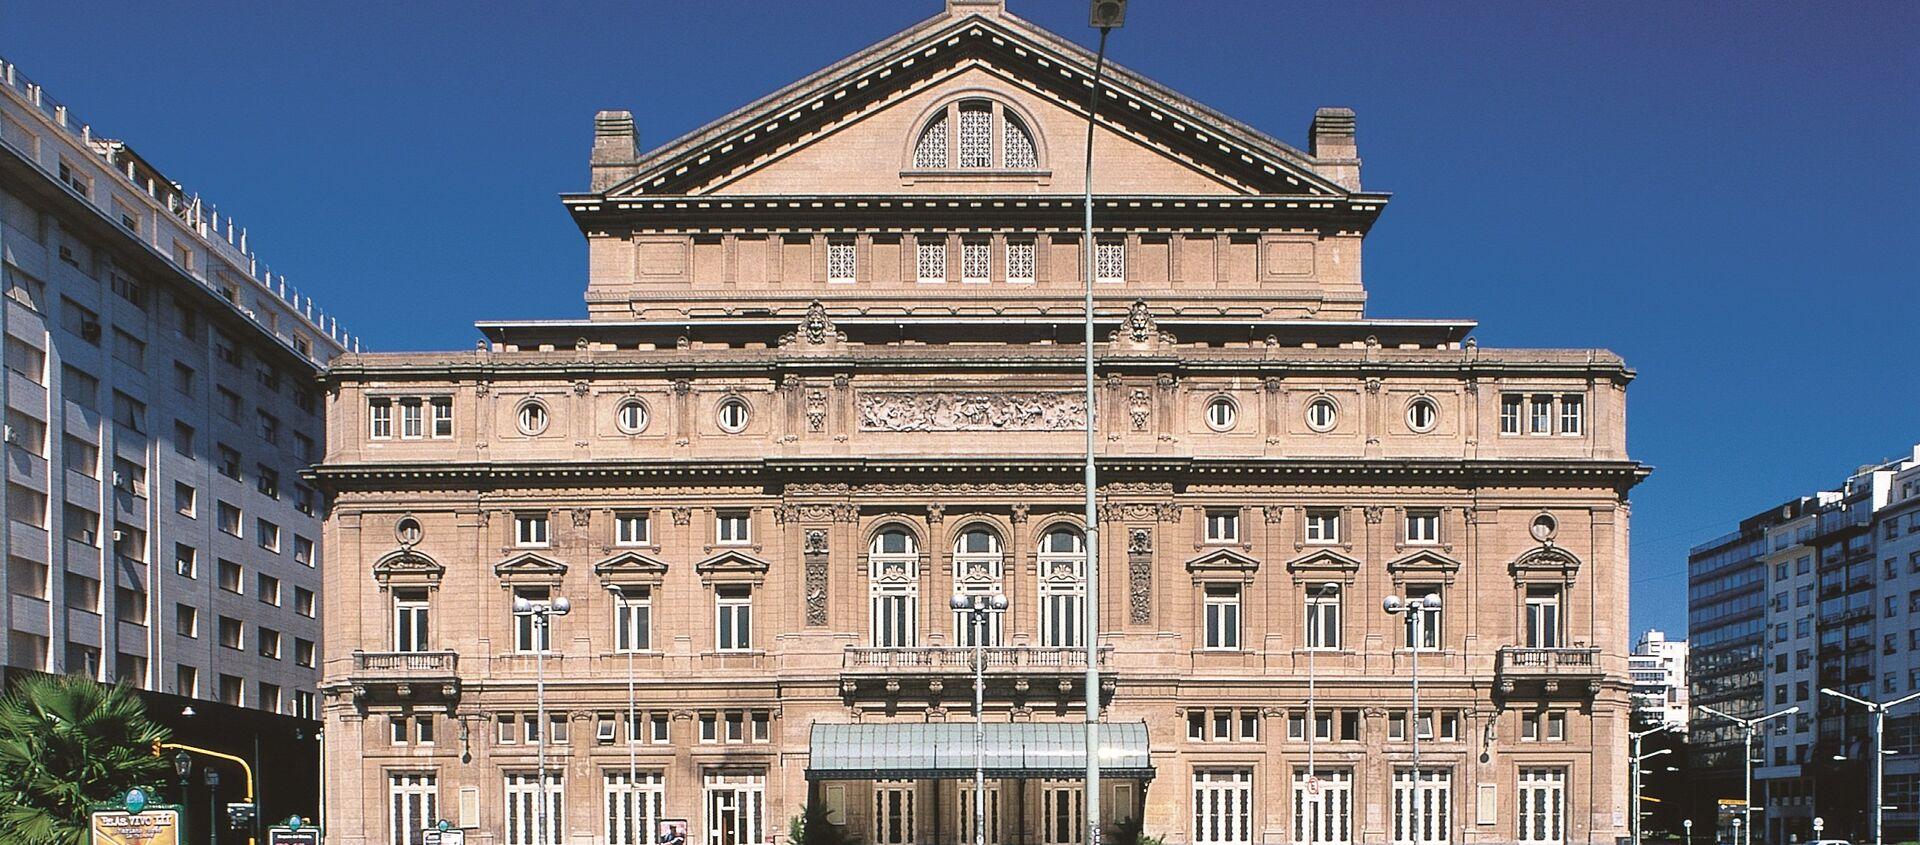 Teatro Colón, San Nicolás, Ciudad Autónoma de Buenos Aires - Sputnik Mundo, 1920, 29.05.2018